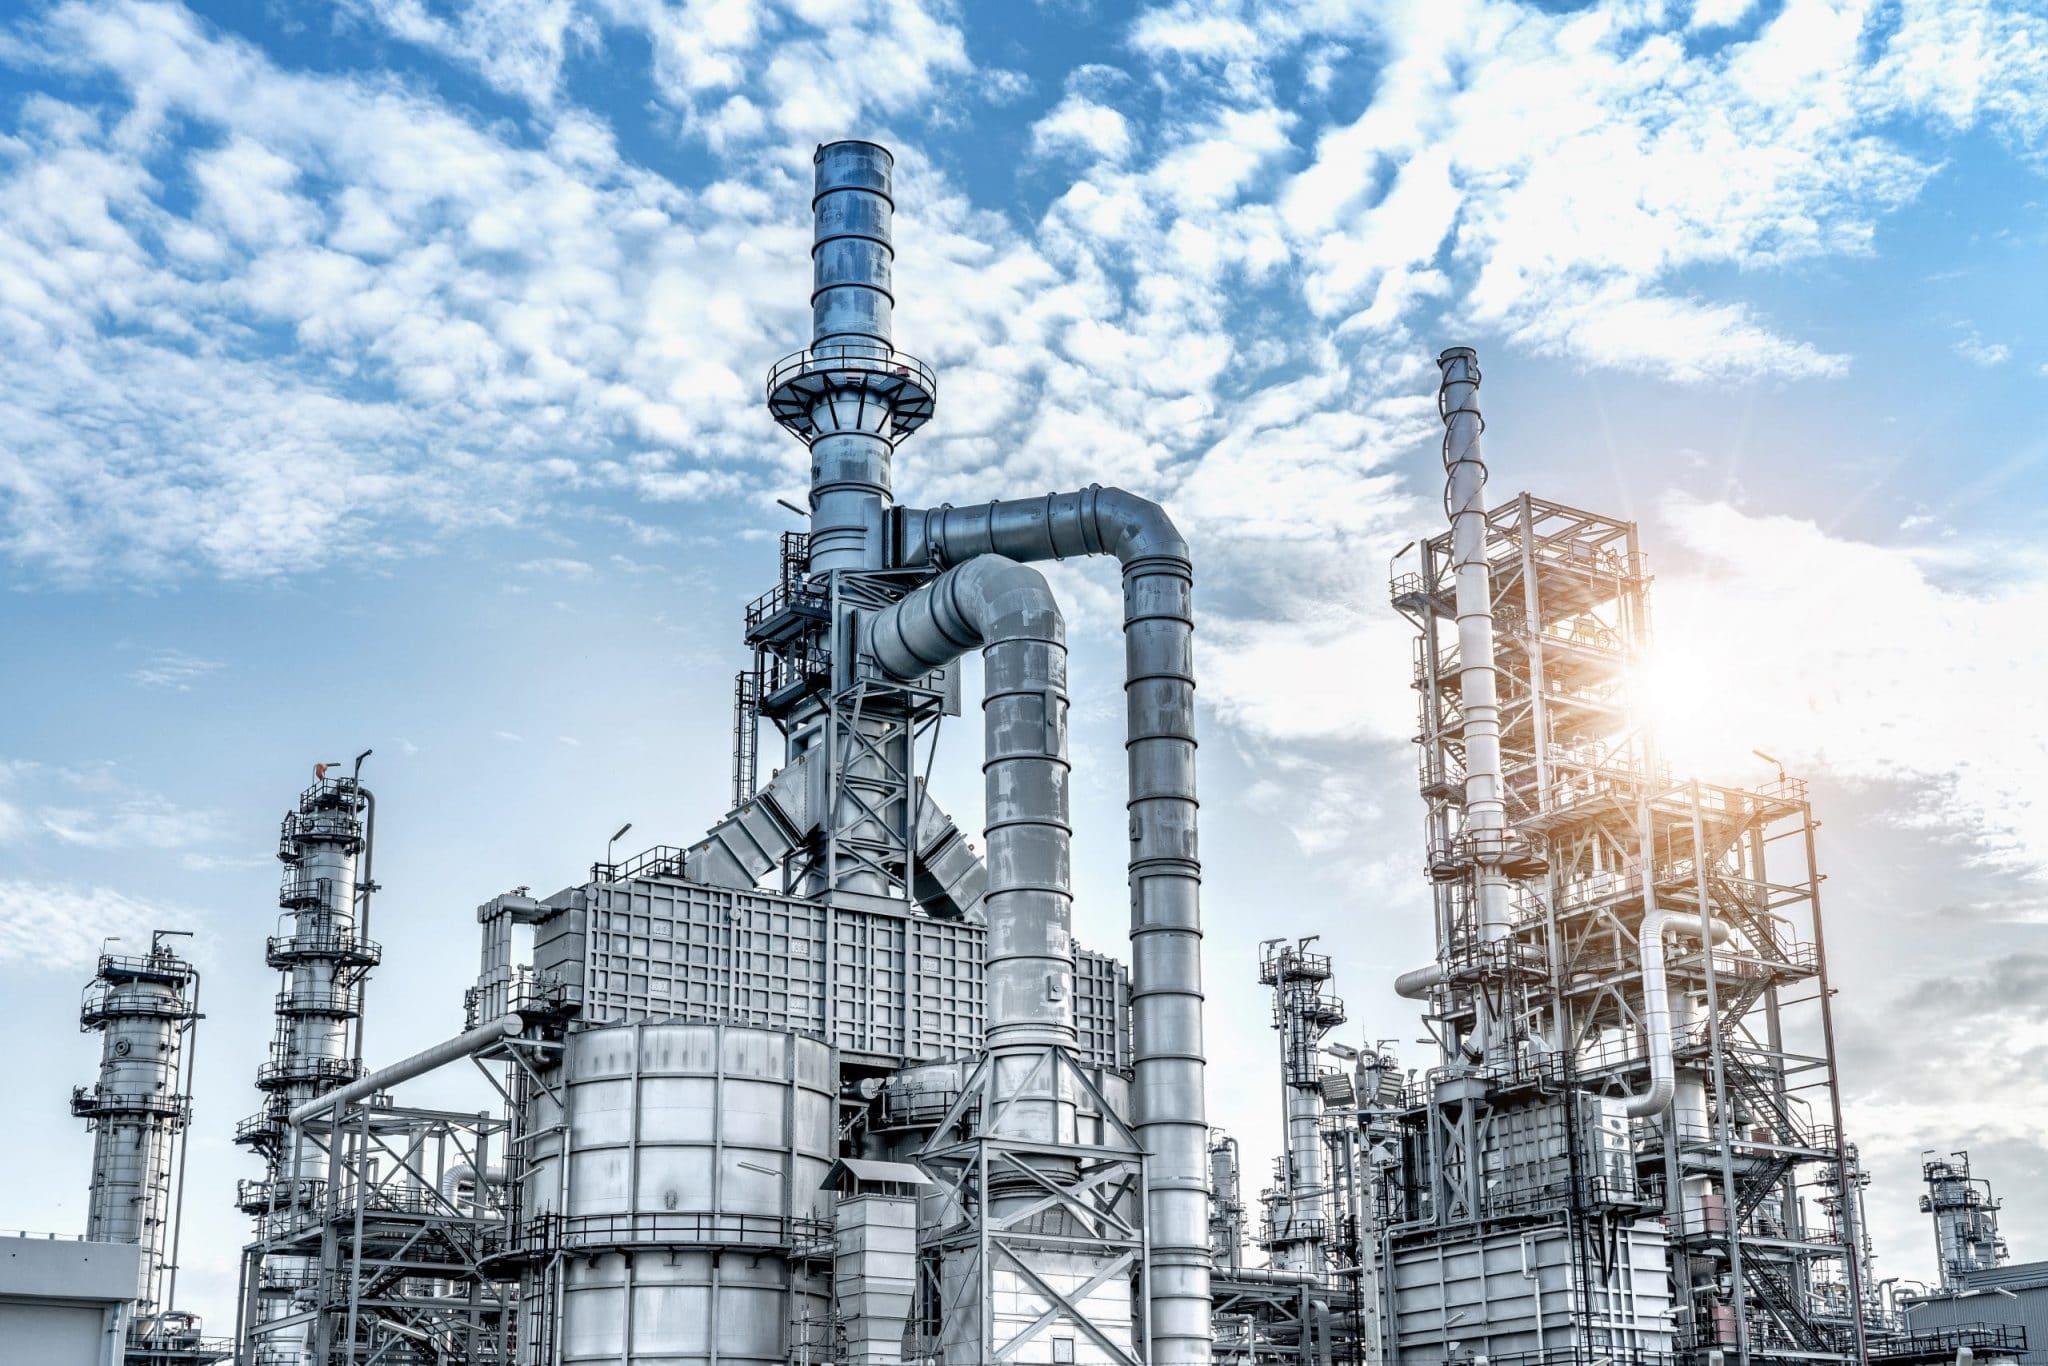 Industrial de la planta de refinería de petróleo y gas